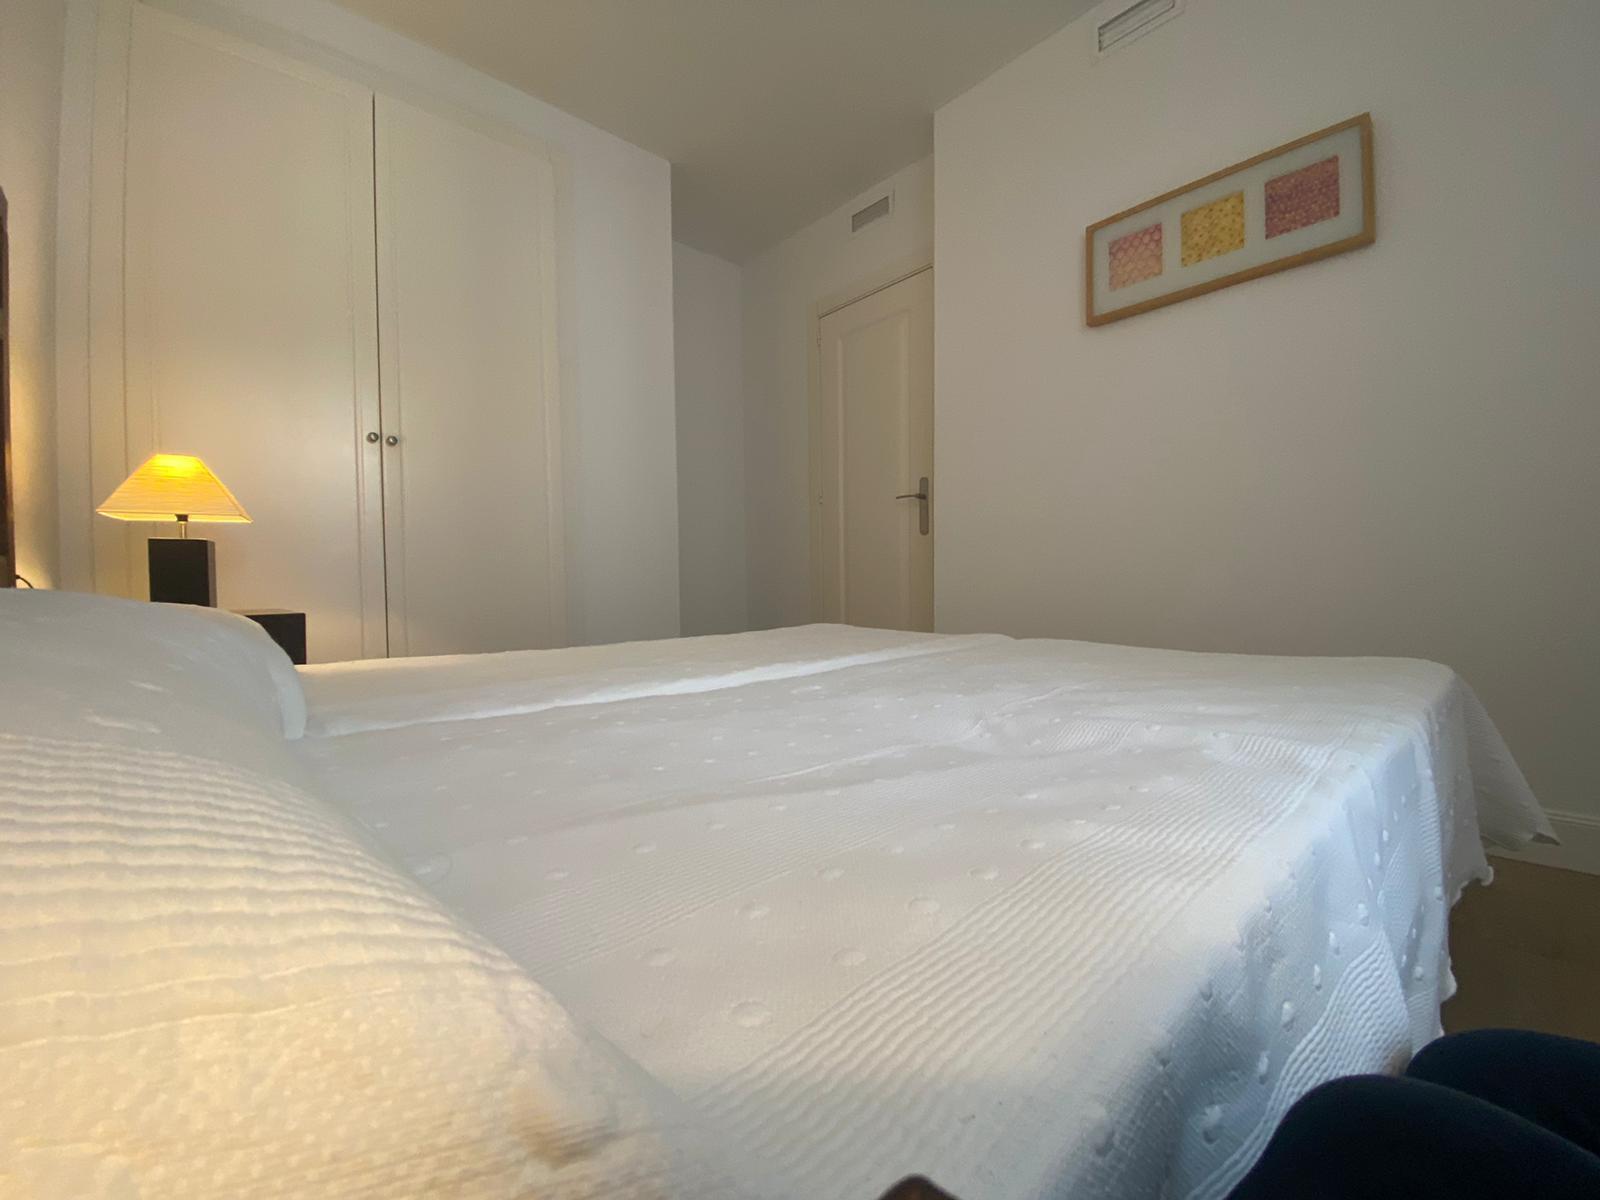 Imagen 43 del Apartamento Turístico, Ático 1 Levante (3d+2b), Punta del Moral (HUELVA), Paseo de la Cruz nº22